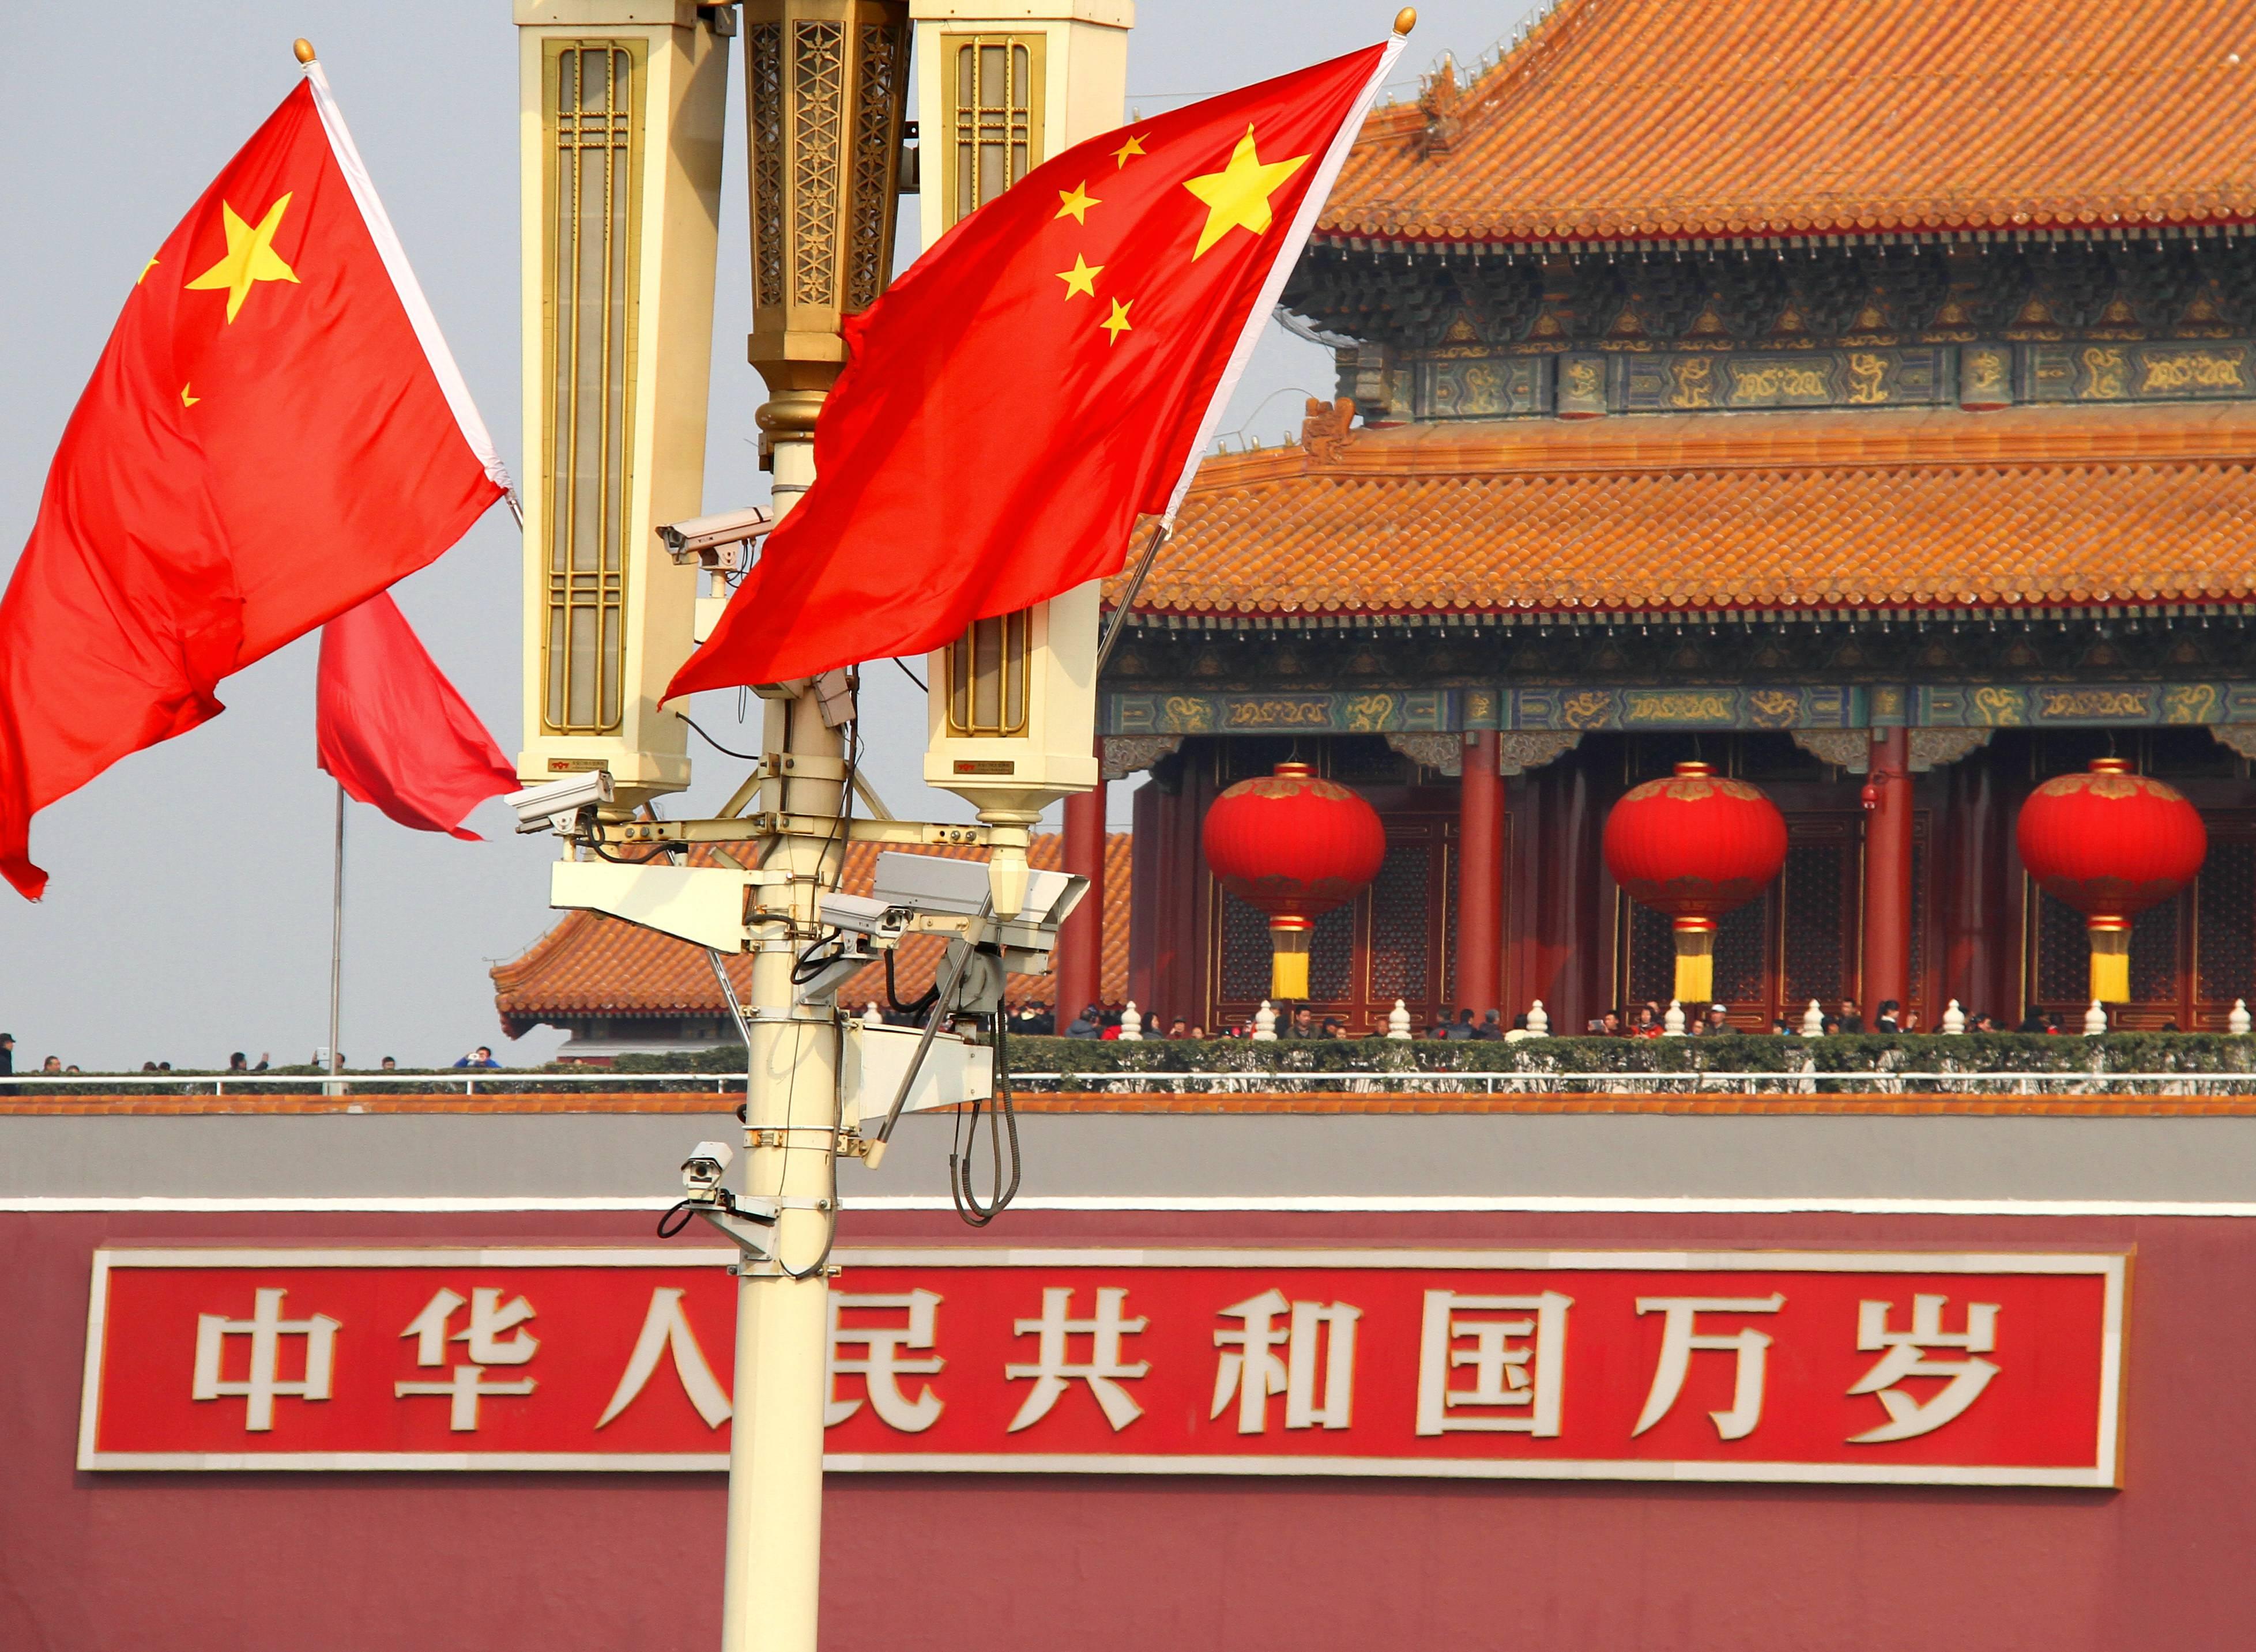 【2017中国一线城市排名】2017中国一线城市有哪些?